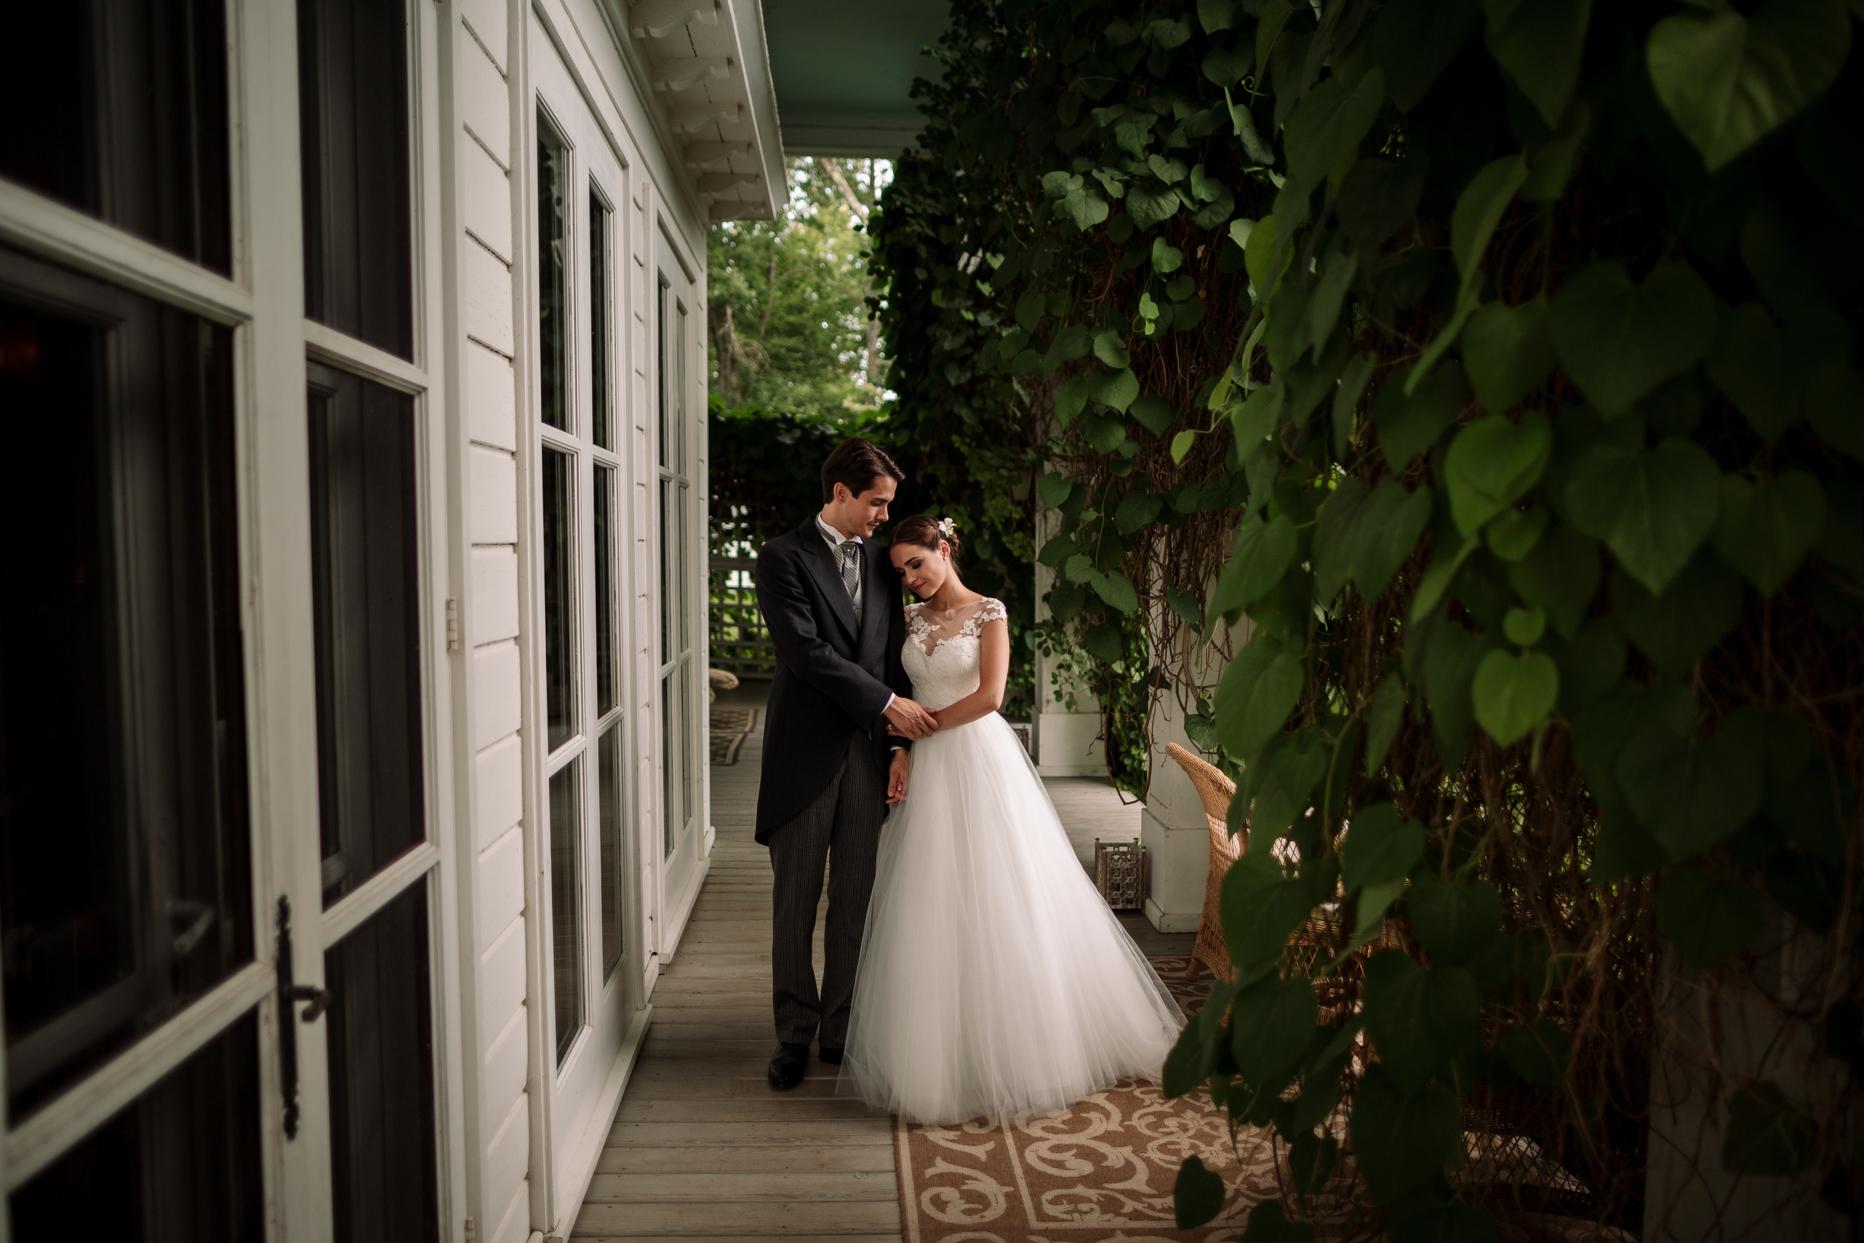 portfolio_mariage_Alexis_Lavoie-19.jpg